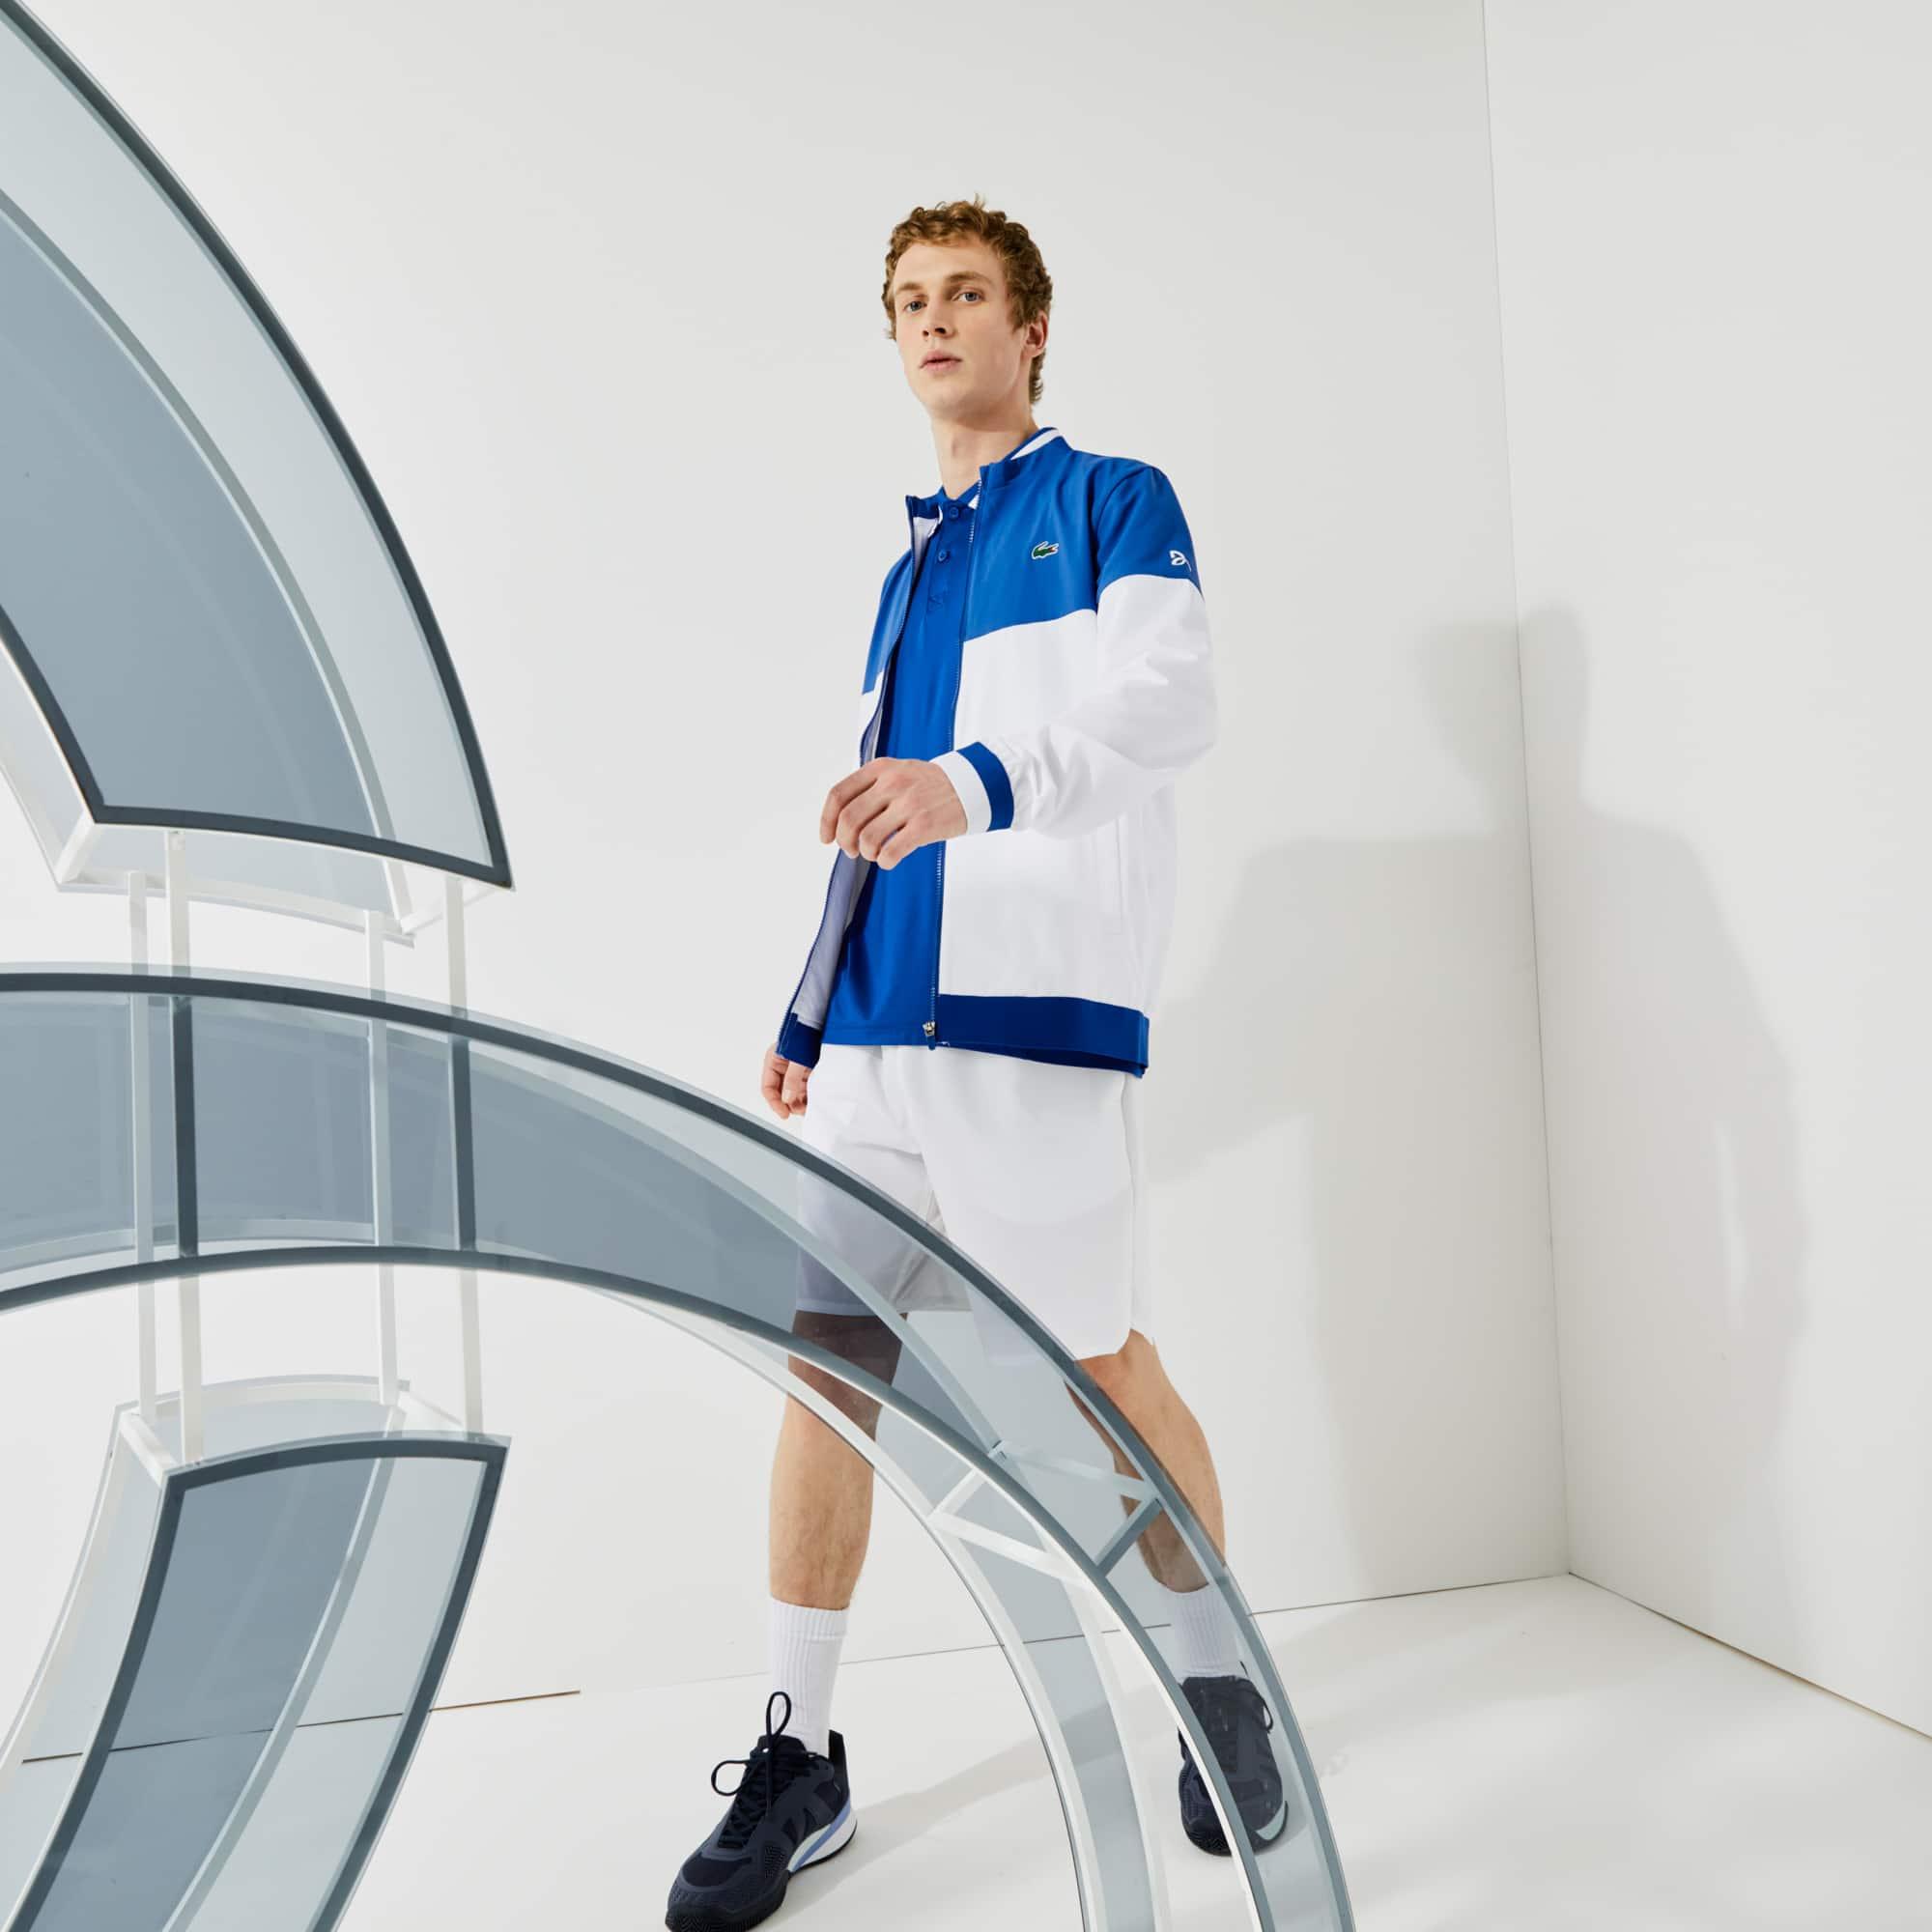 라코스테 X 노박 조코비치 컬러블록 자켓 Lacoste Men's SPORT x Novak Djokovic Colorblock Zip Jacket